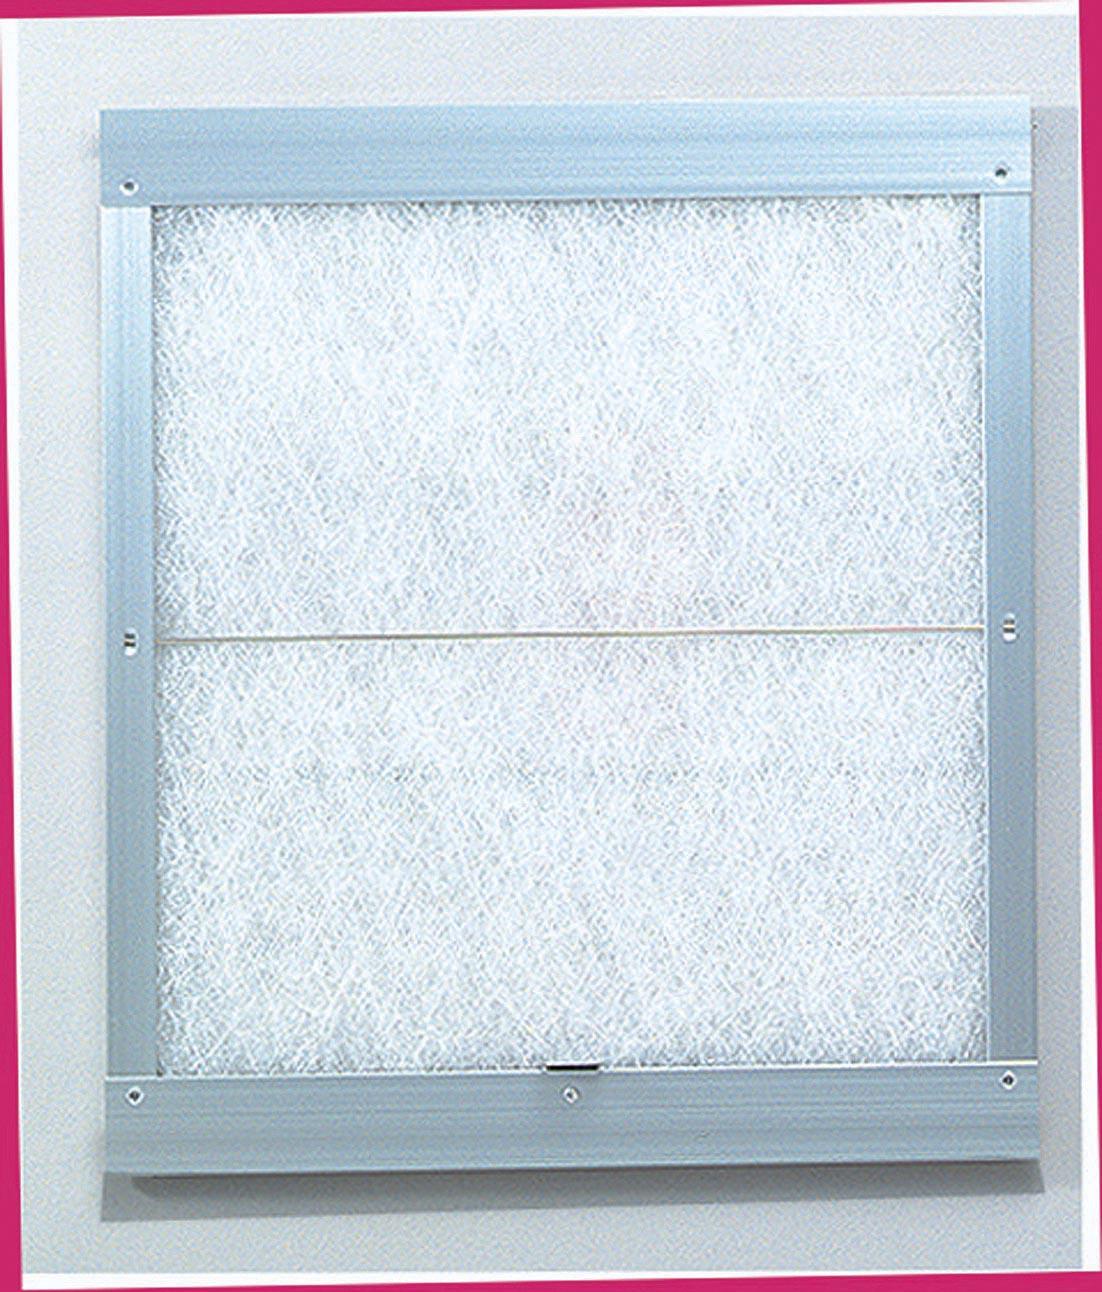 レンジフードフィルターガラス繊維タイプ